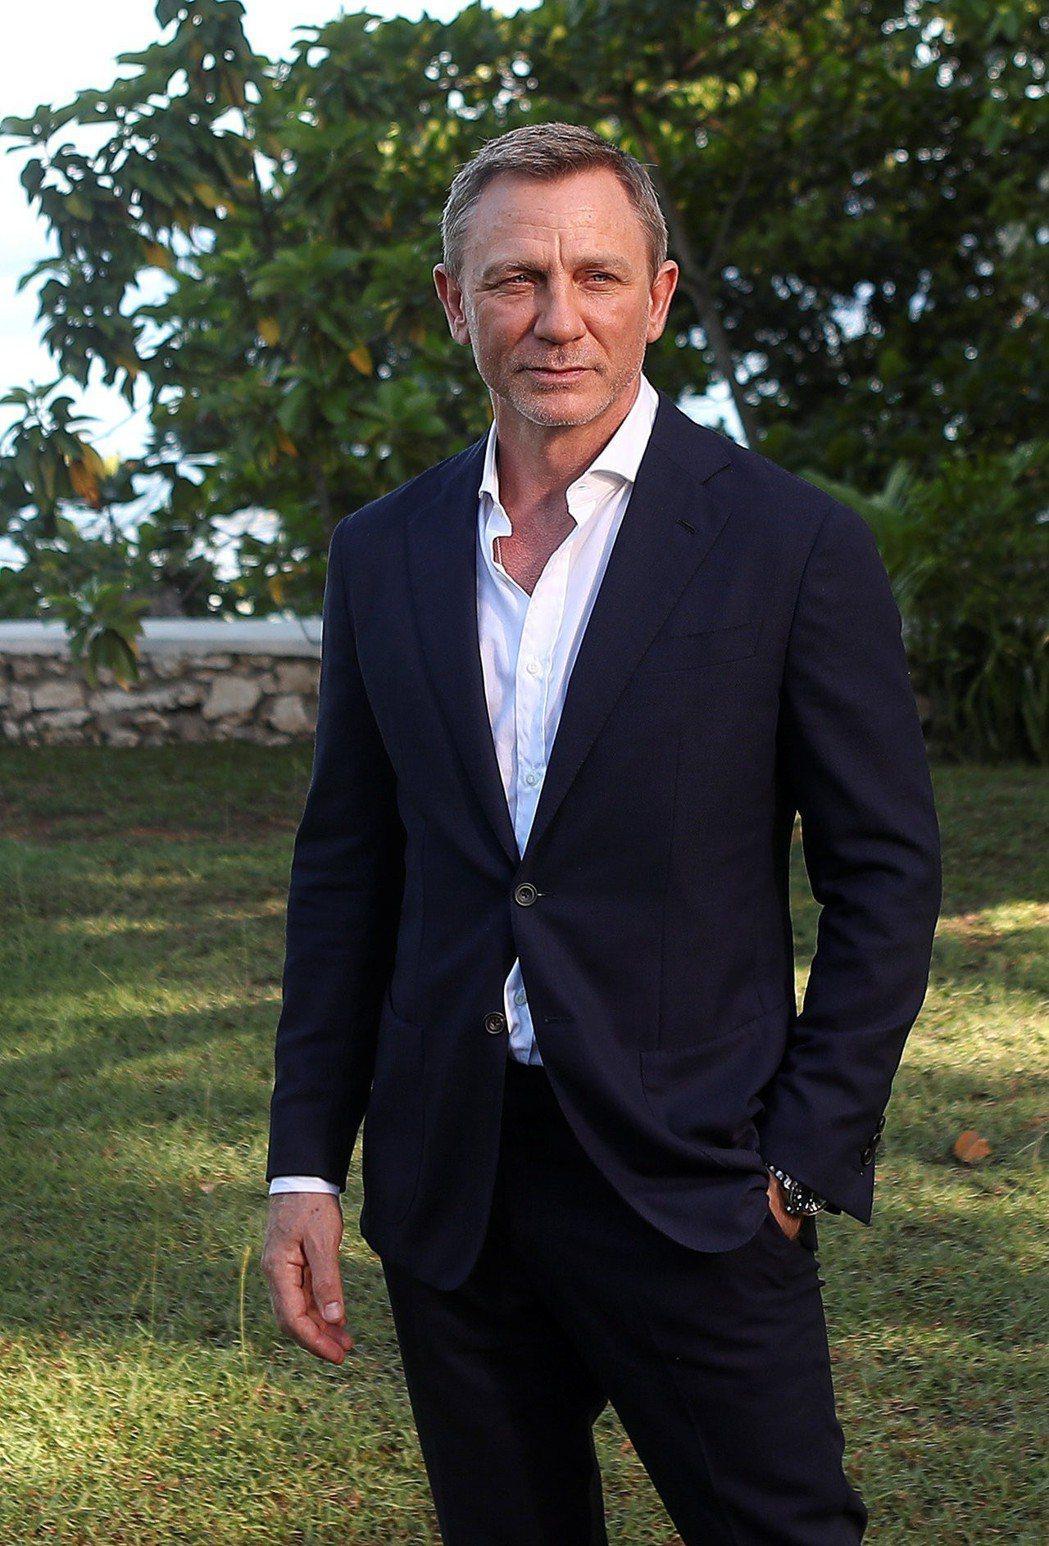 丹尼爾克雷格主演的最新007影片一路多災多難,除他本人受傷外,又發生炸壞攝影棚的